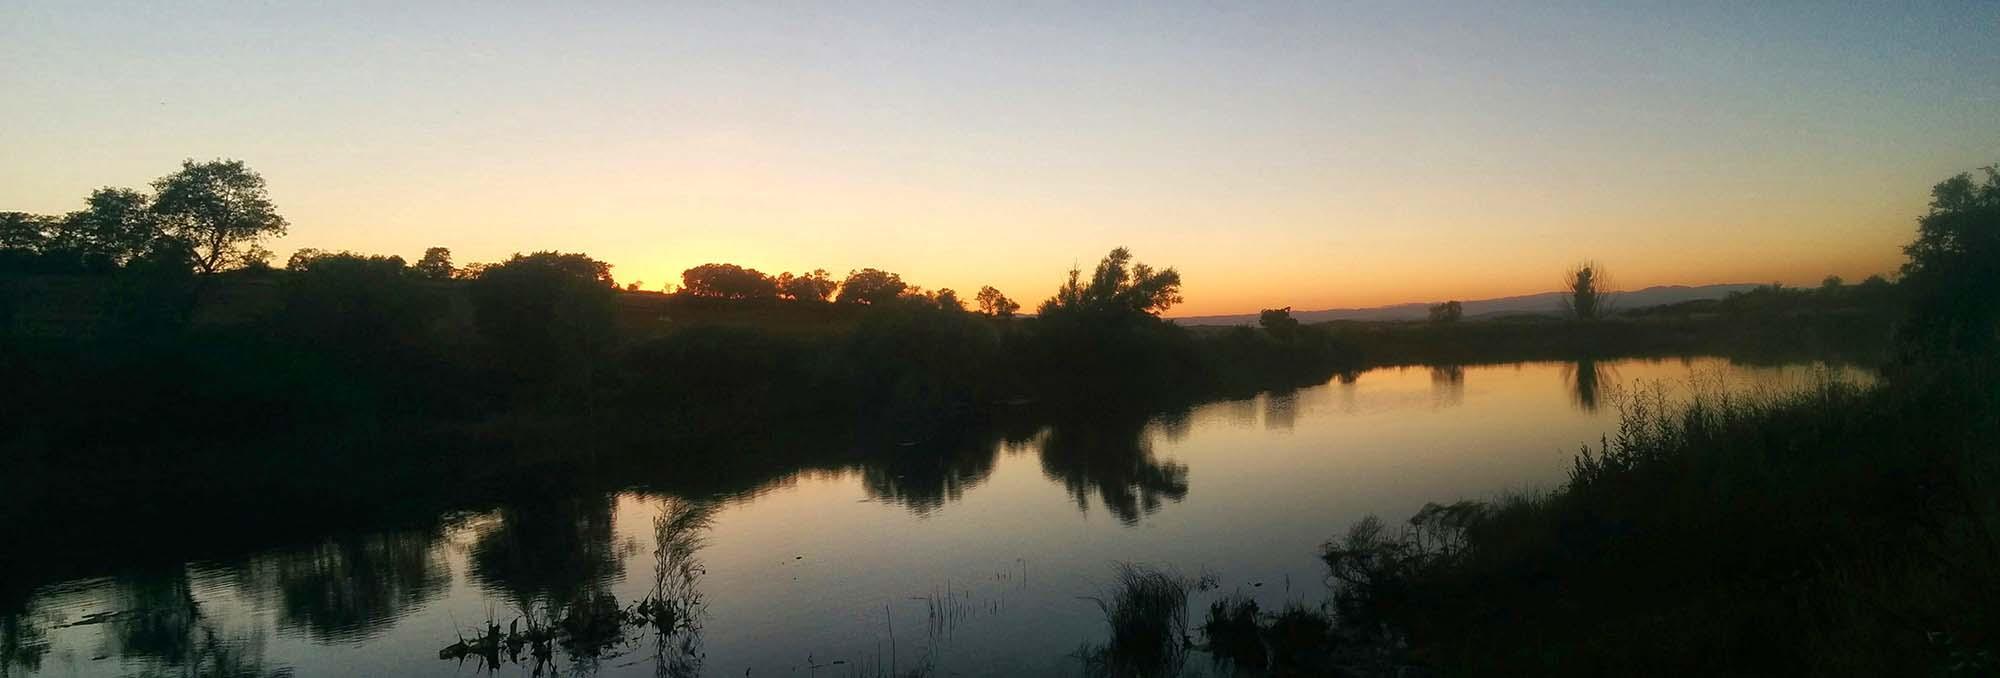 Espacio fluvial  Bassa de Palouet